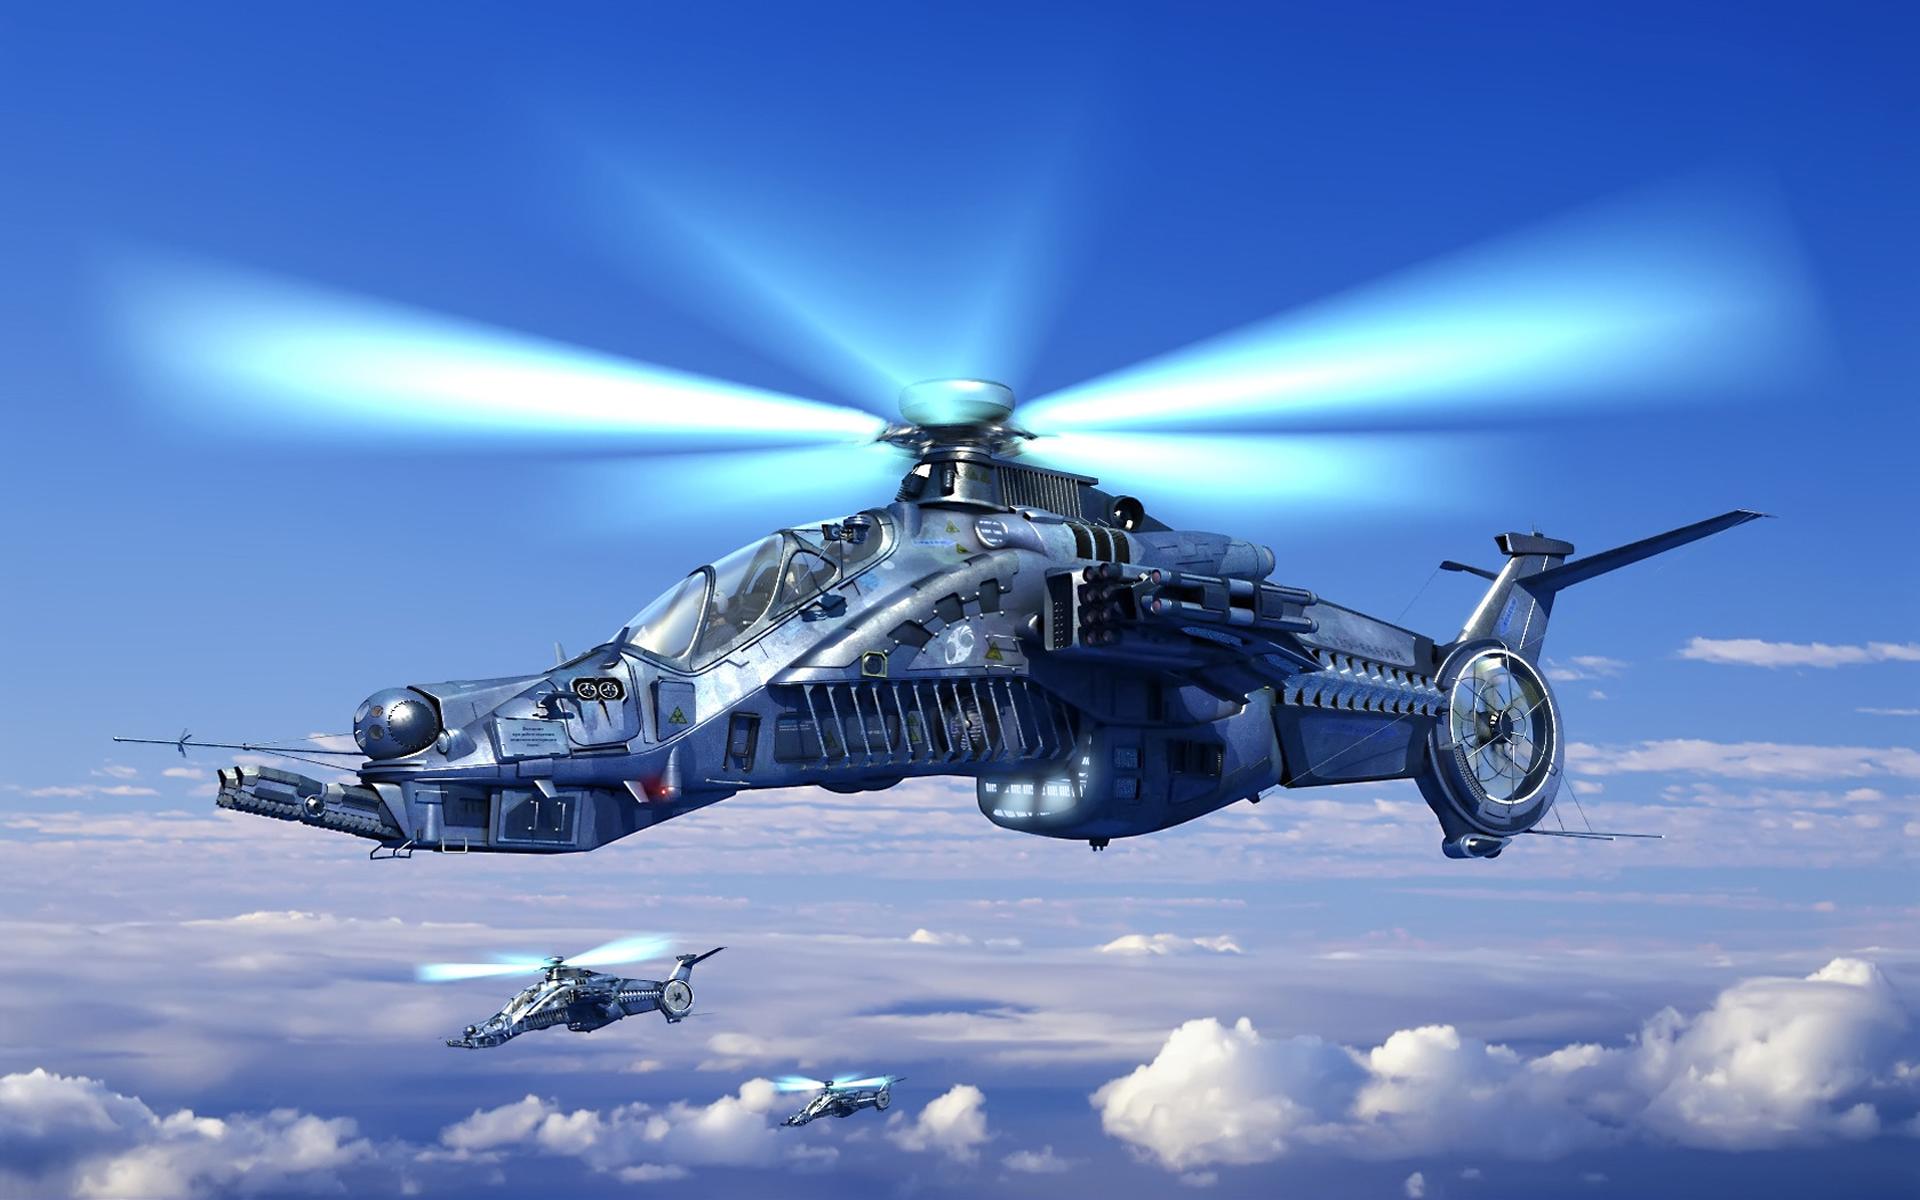 вертолет под звездным небом без смс